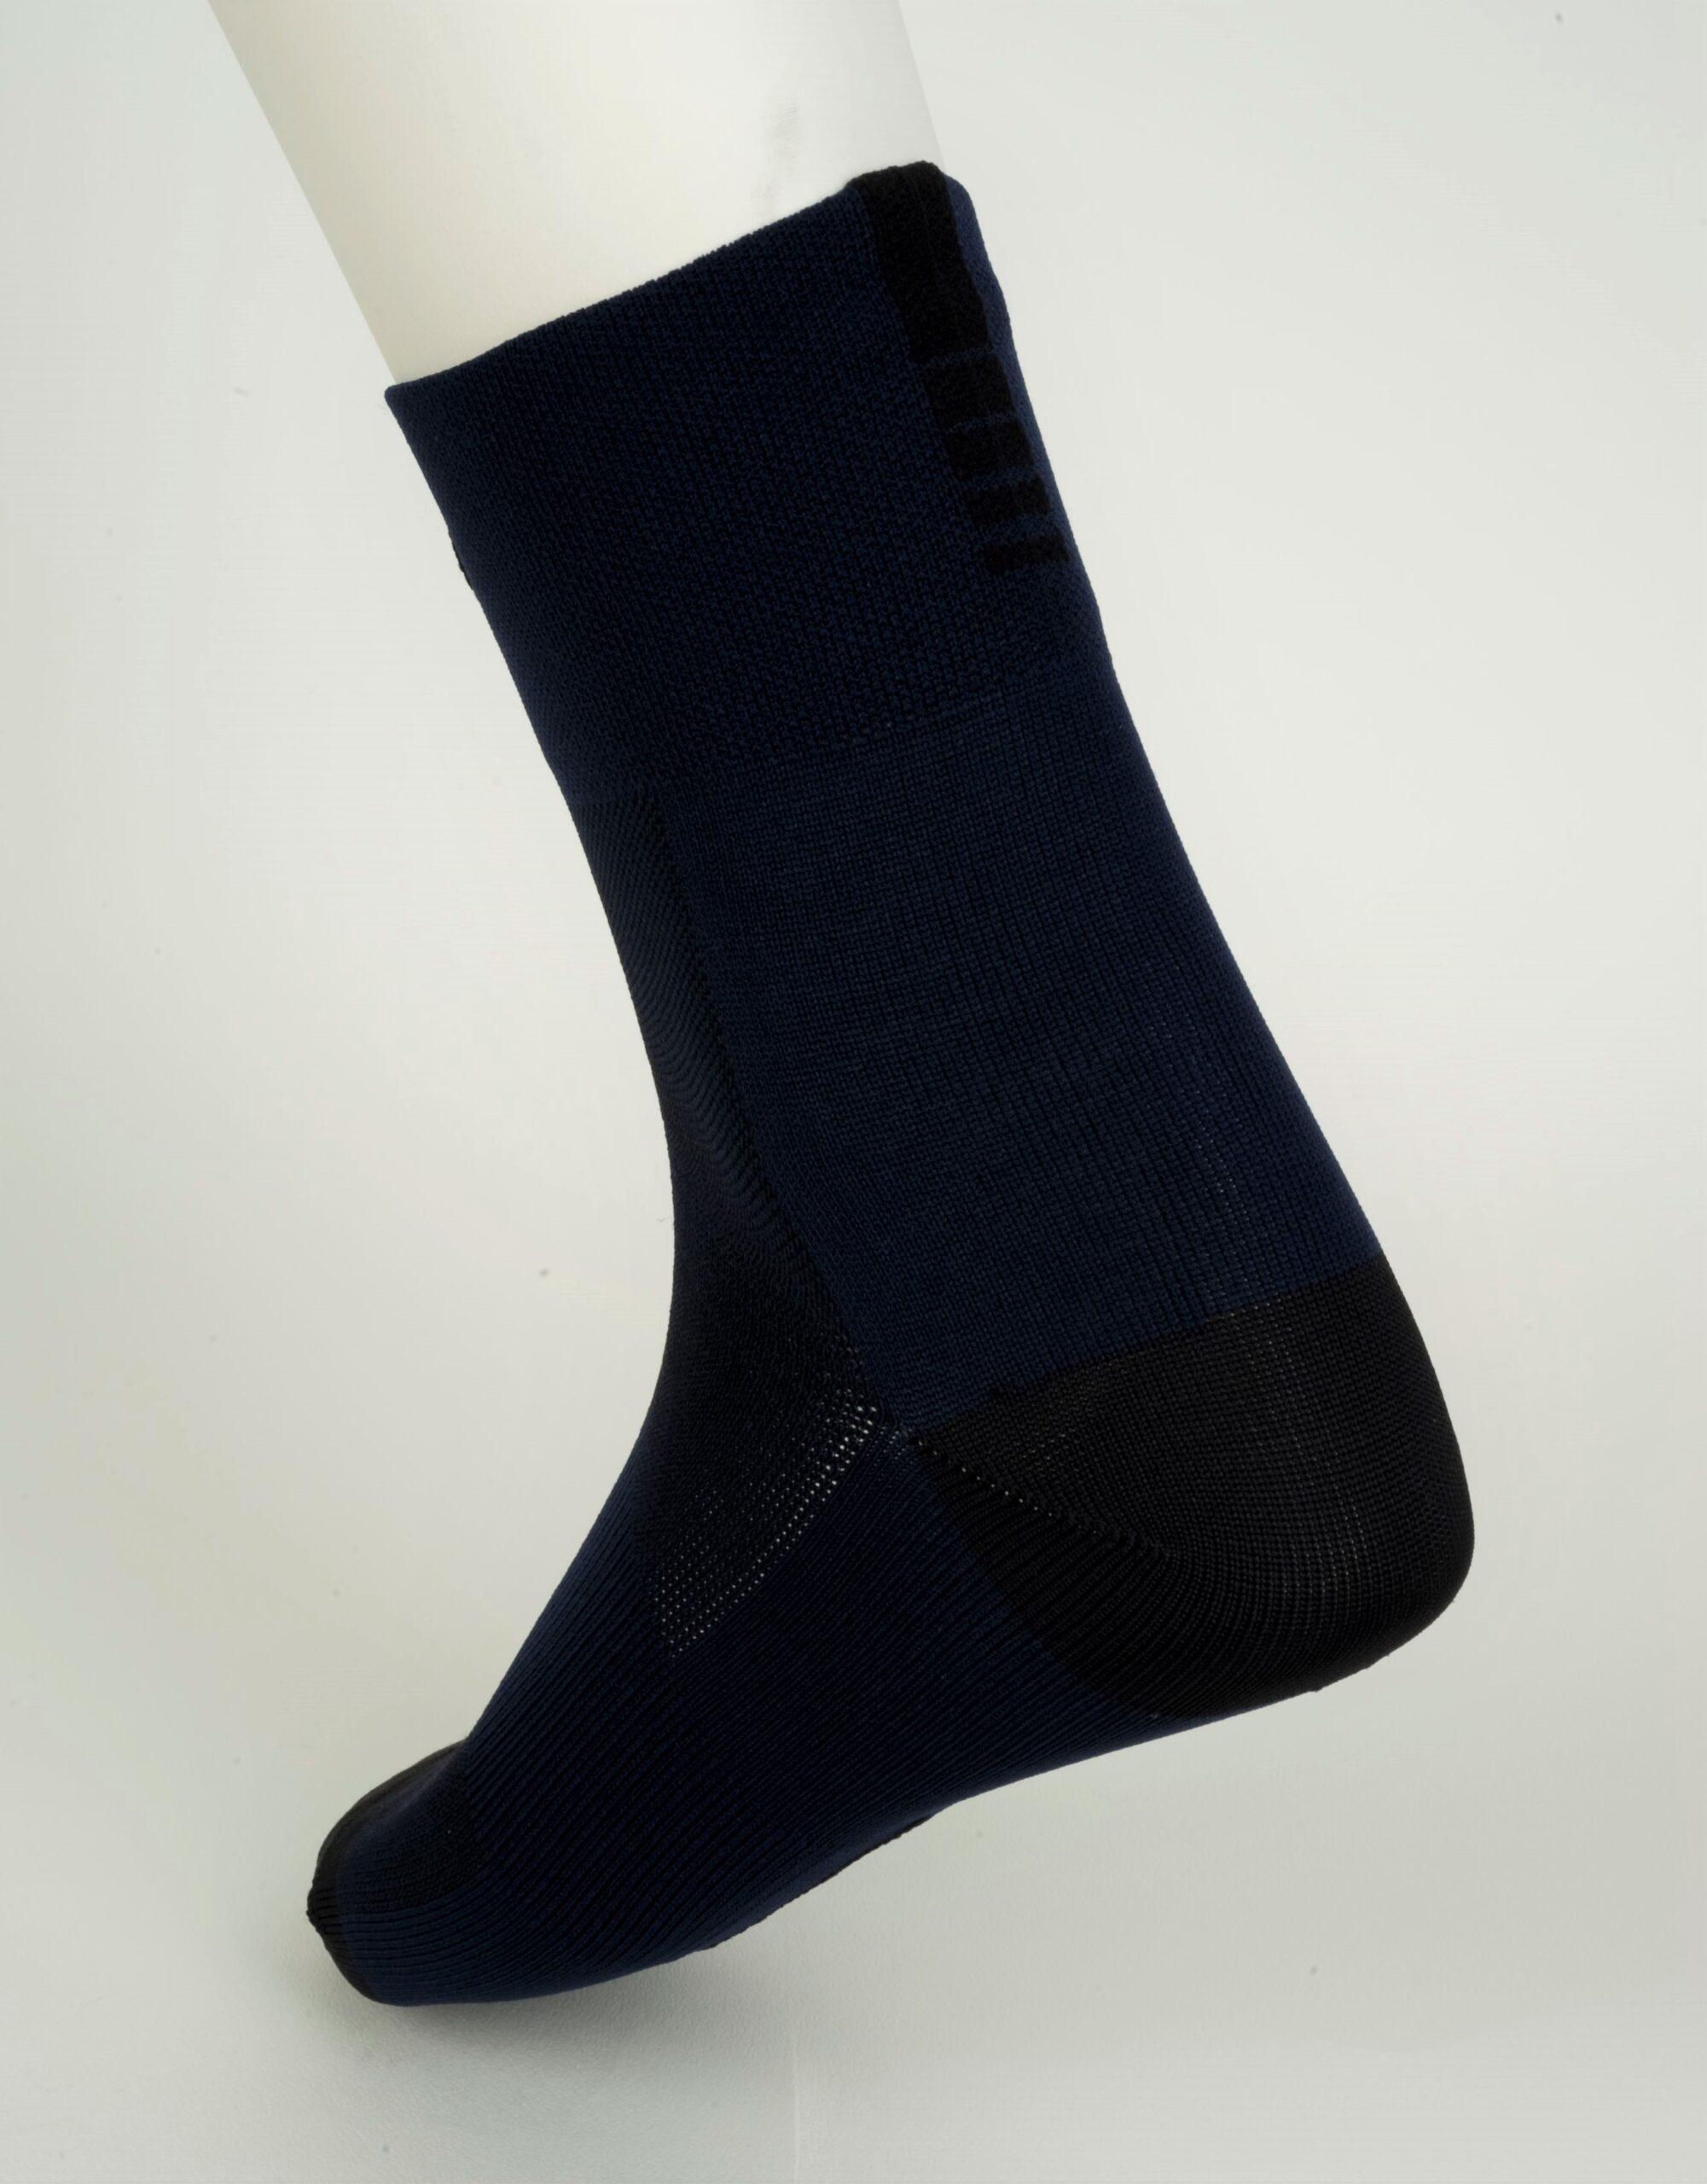 marino calcetín